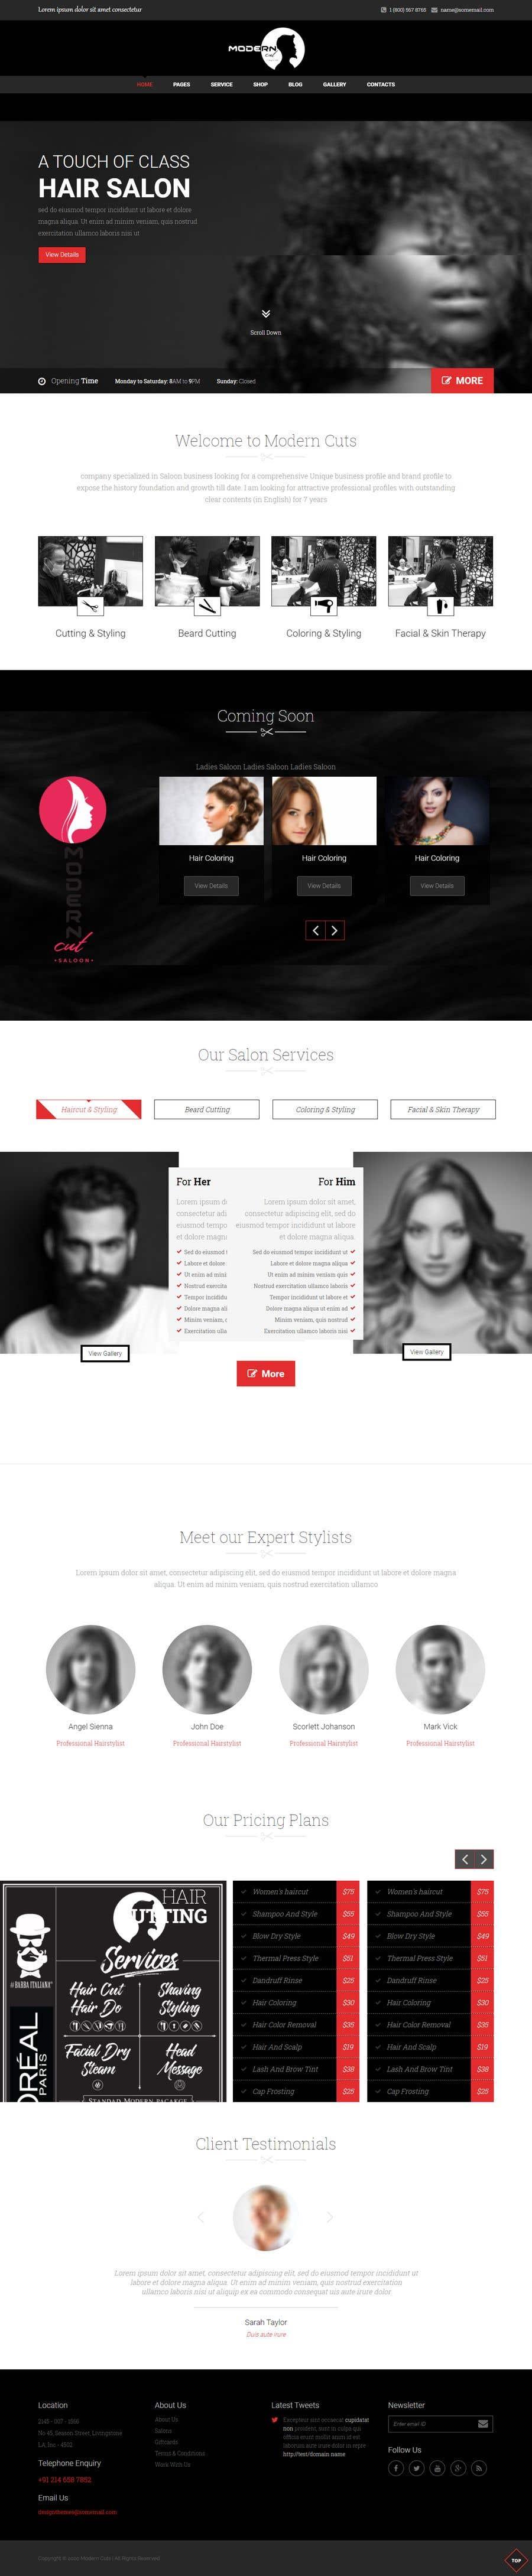 Konkurrenceindlæg #                                        34                                      for                                         Company Profile Design (FULL SET)